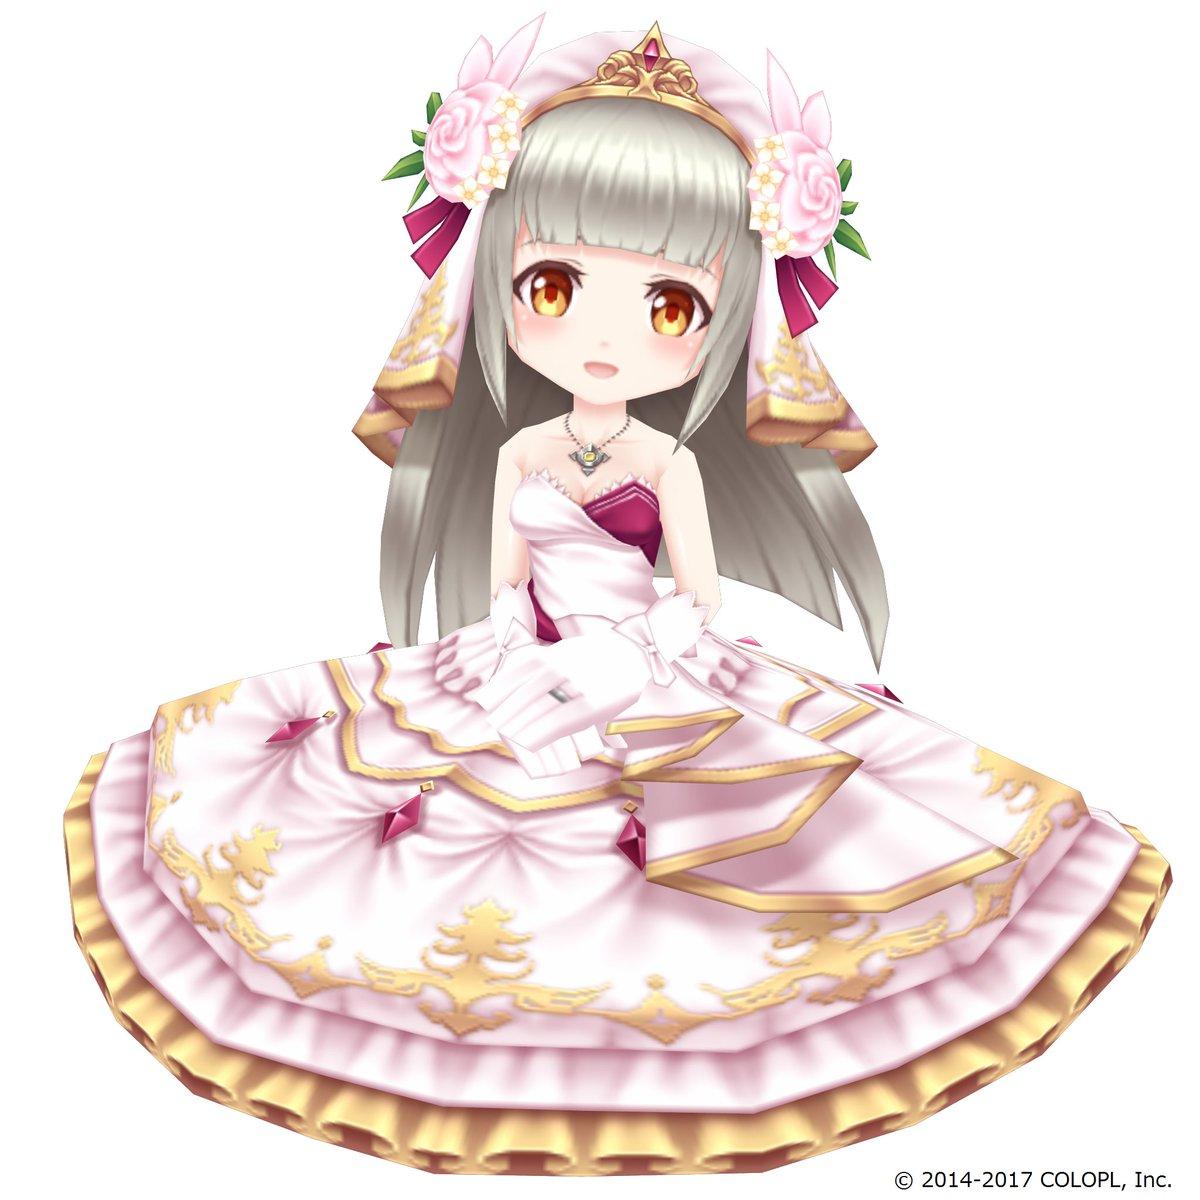 平日毎日神気解放!今日は「聖女と希望の風」のルウシェだにゃ(◍•ᴗ•◍) 花嫁姿がかわいいにゃ(´ω`*)#白猫